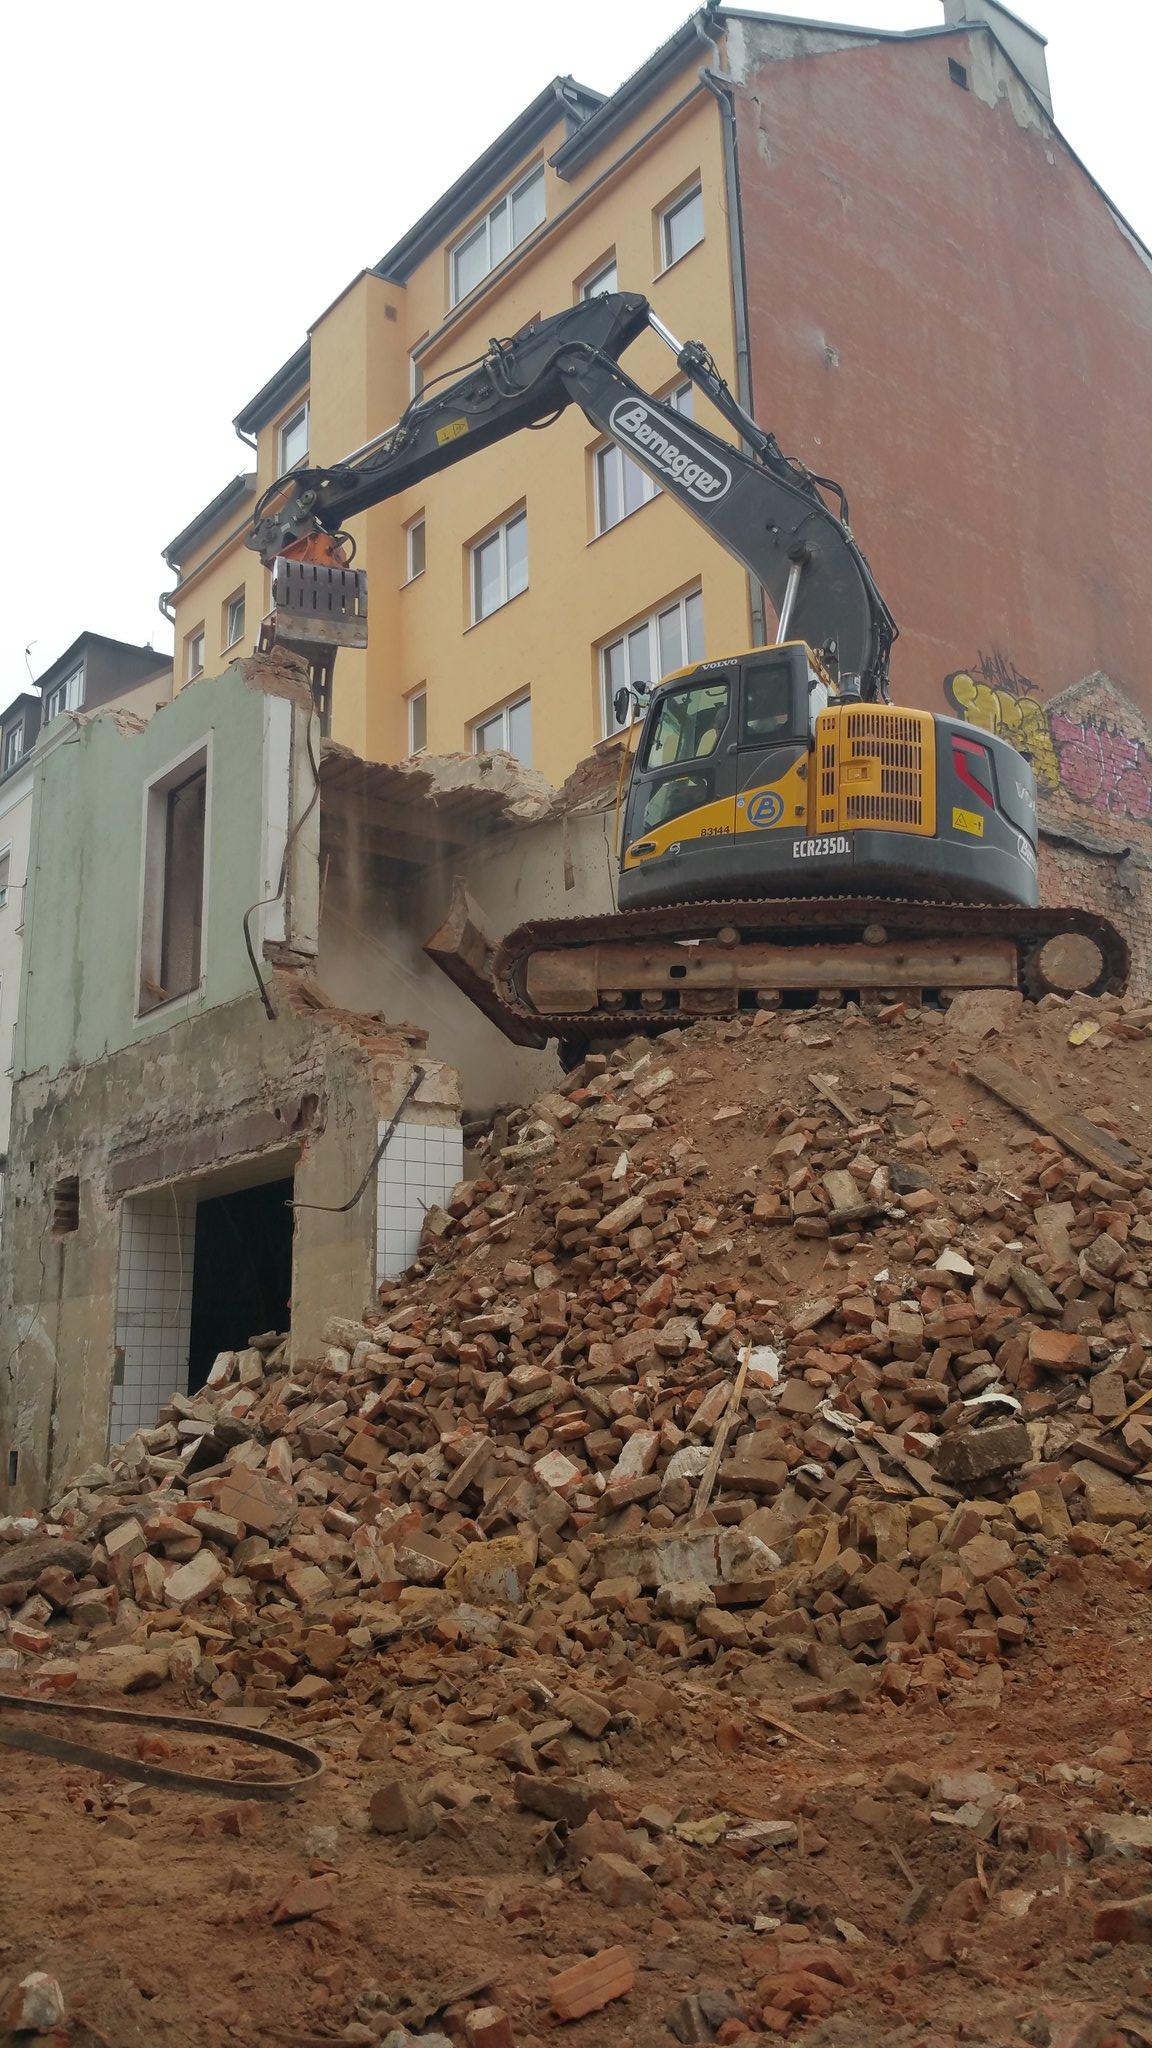 Nicht nur die Eisenbahnbrücke wird abgerissen... Linz entledigt sich eines Traditionswirtshauses. pö https://t.co/kD0dYIAoo8